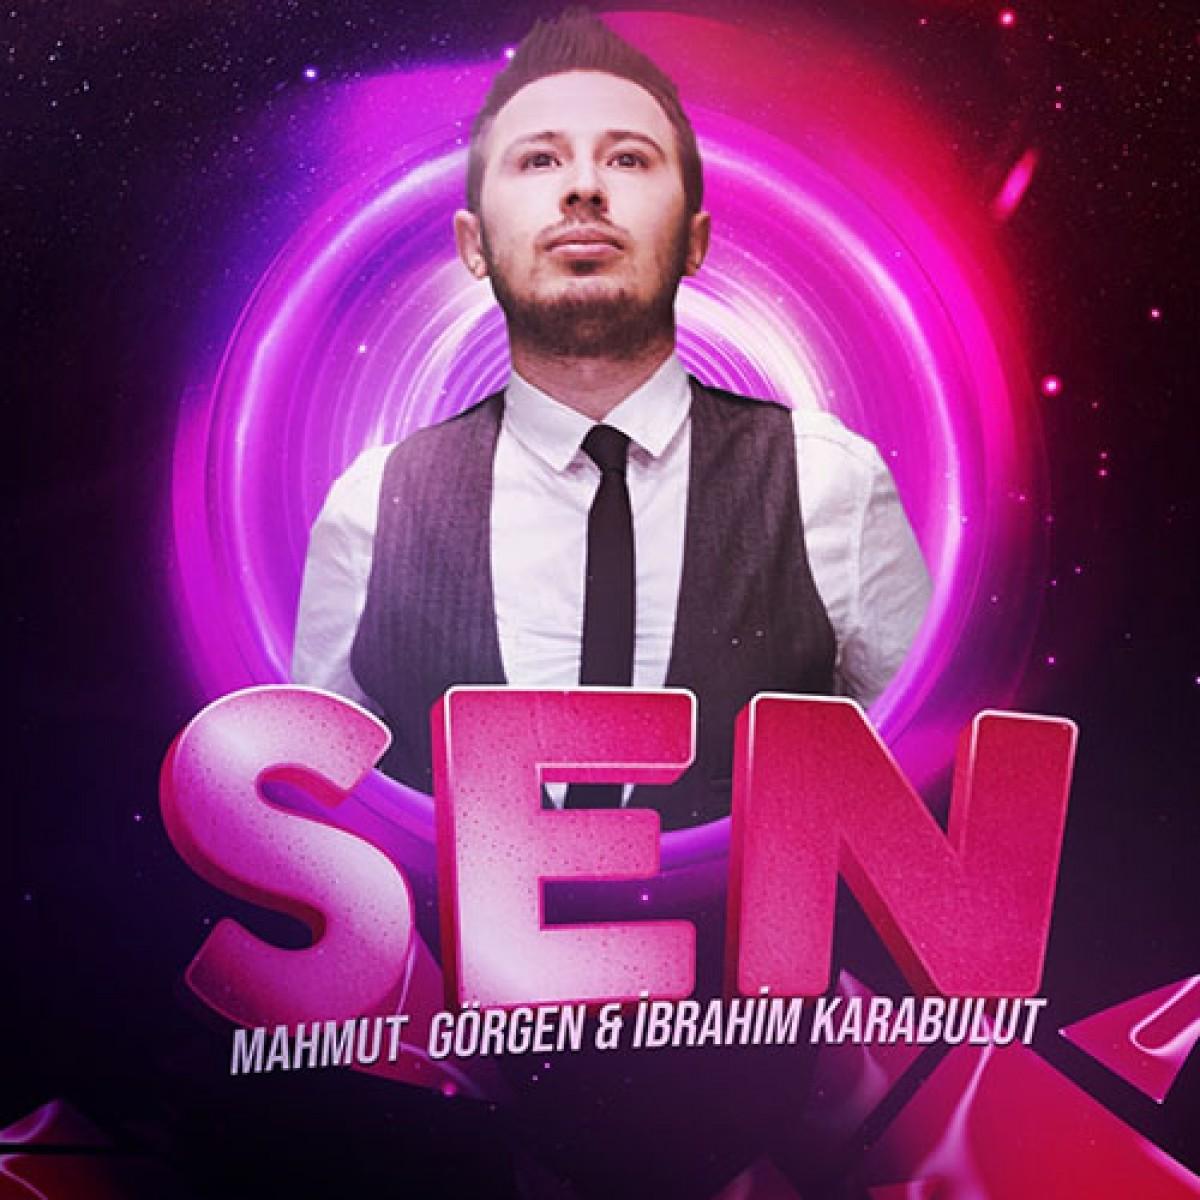 Mahmut Görgen yeni şarkısıyla karşınızda